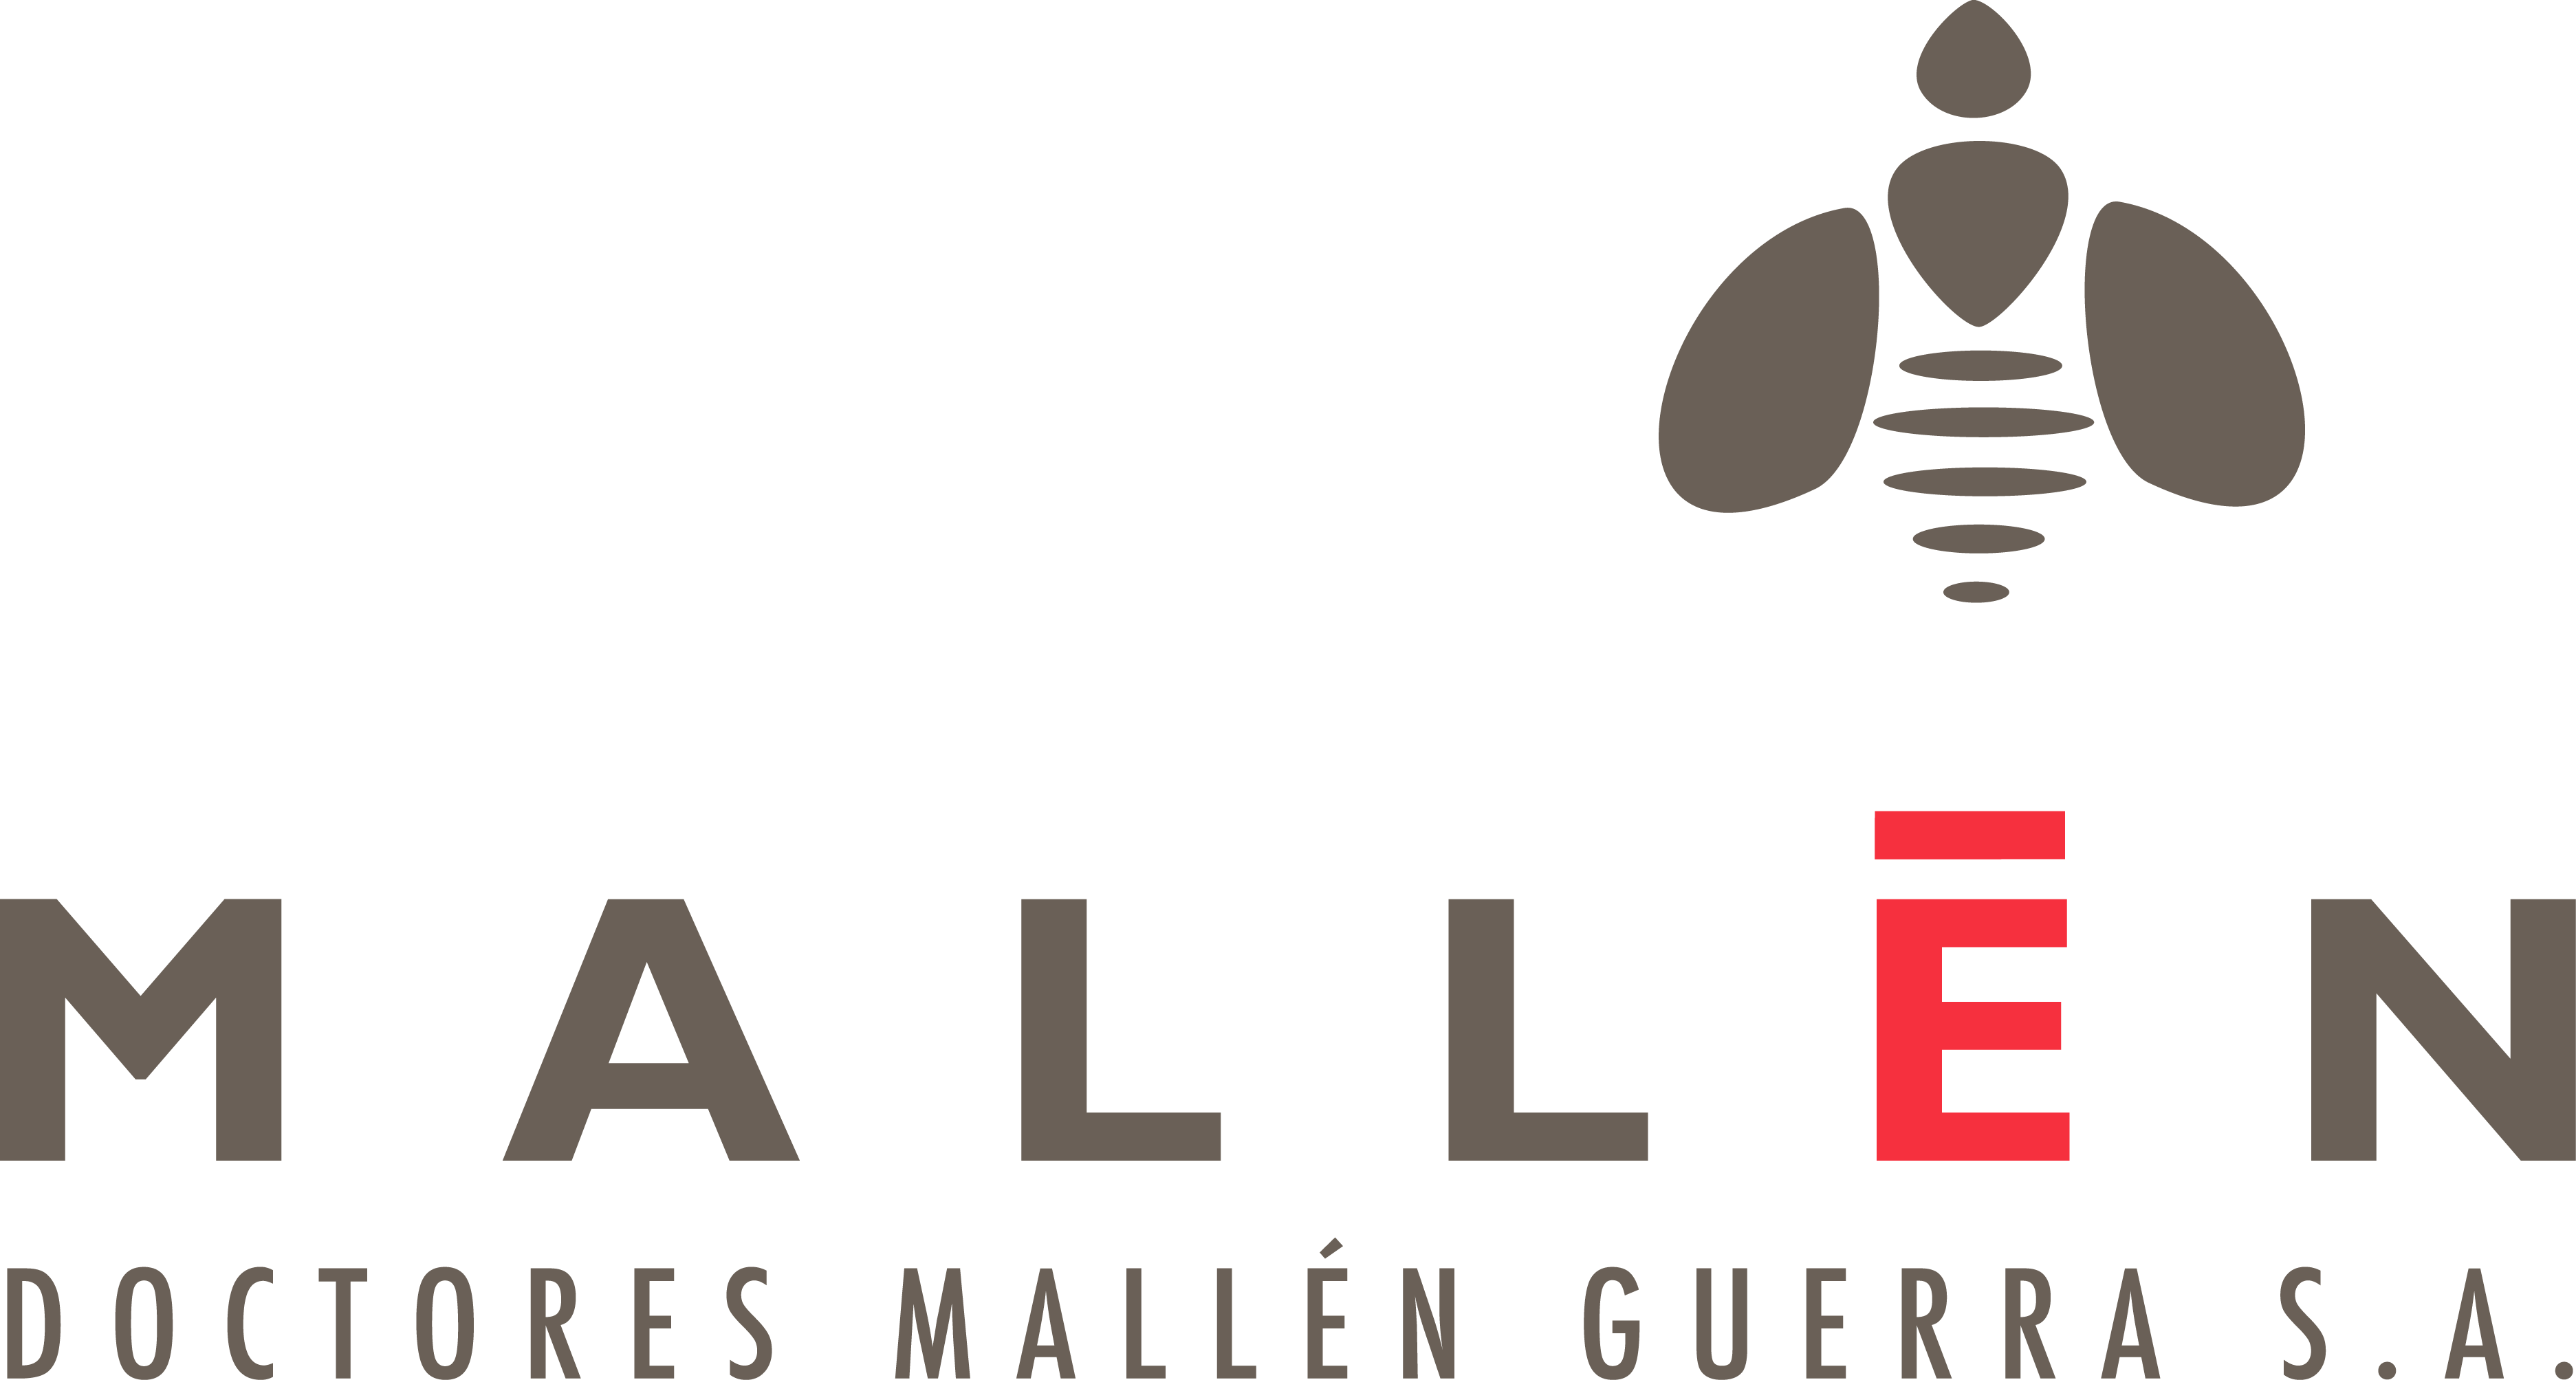 Logo Doctores Mallén Guerra